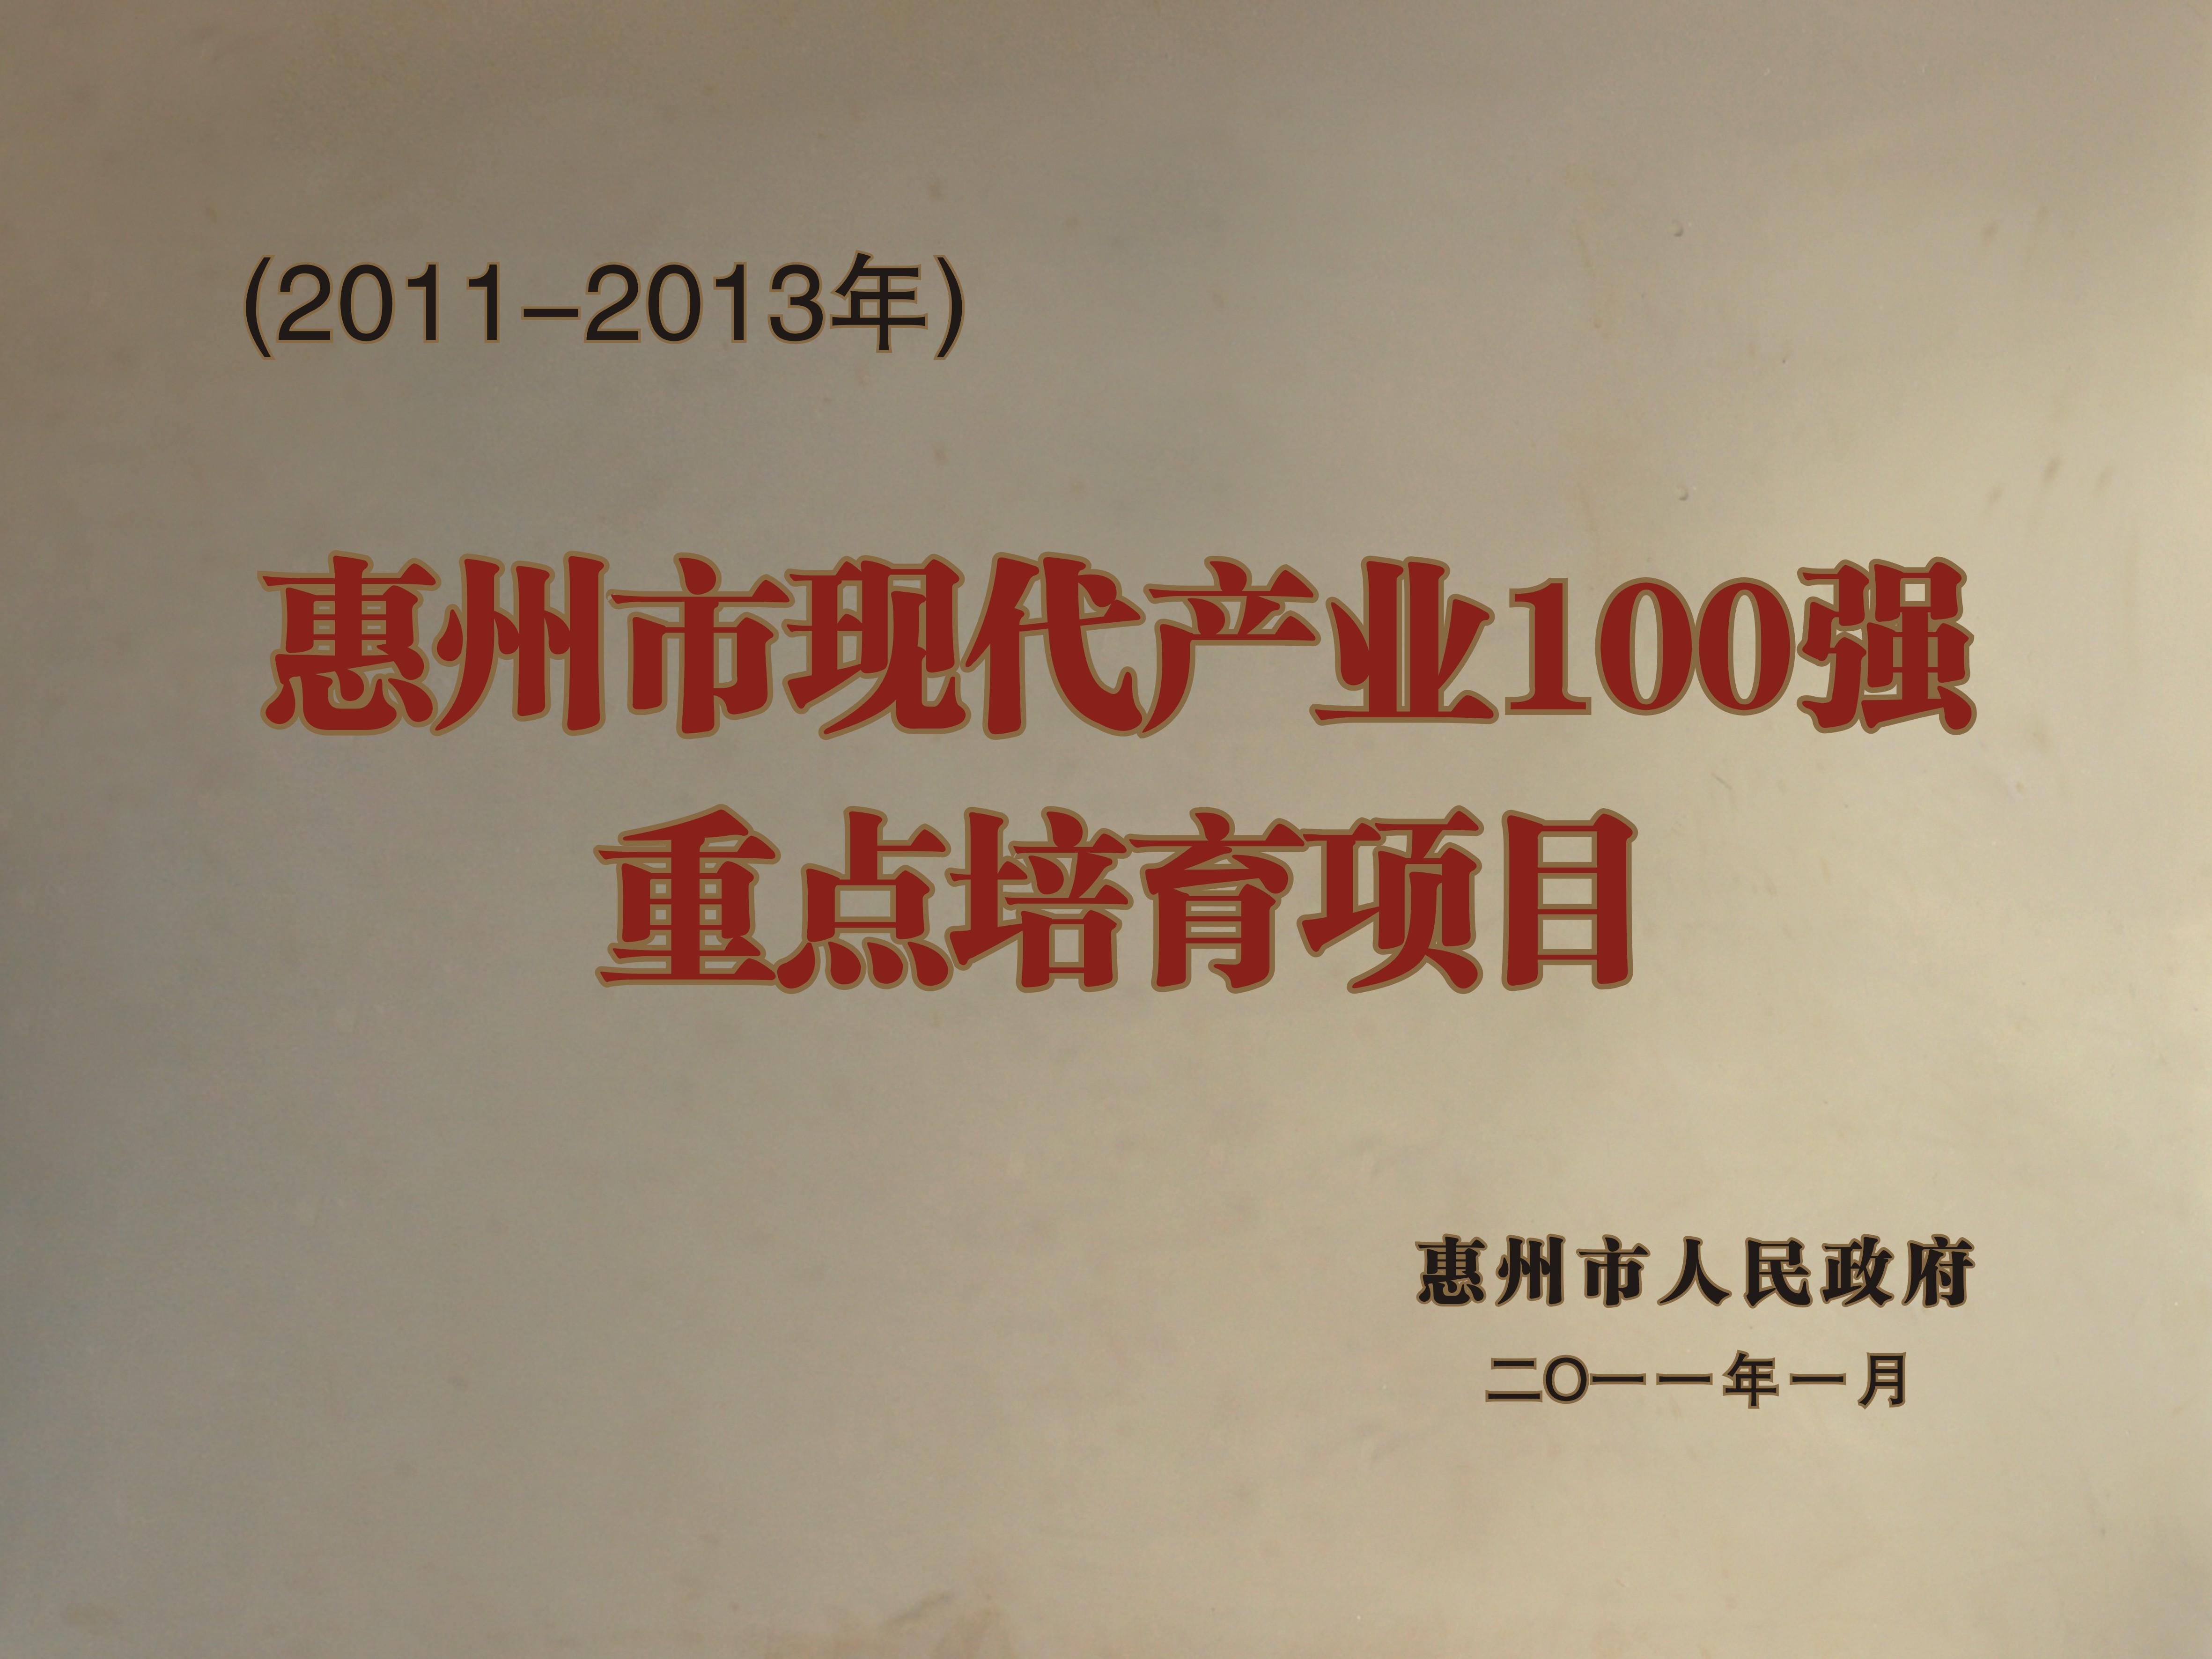 -2011-2013年惠州市現代產業100強重點培育項目